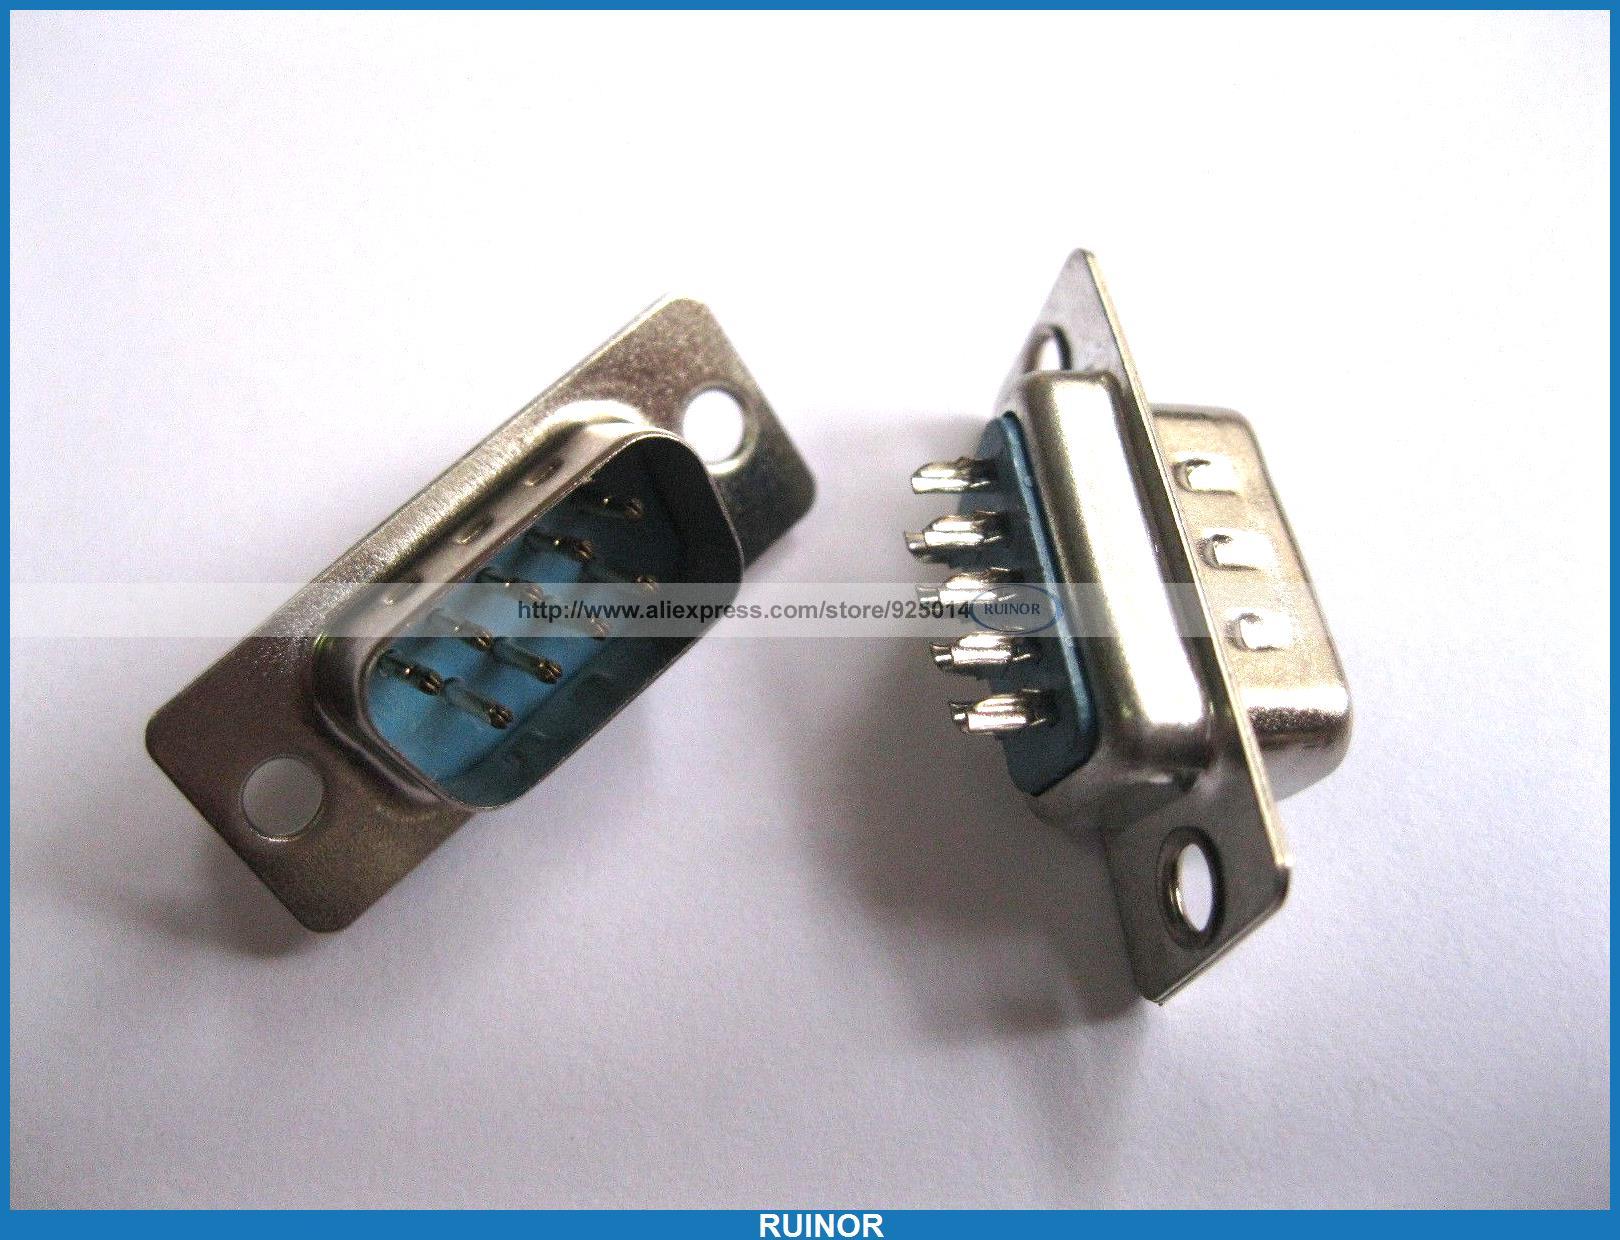 120 Pcs sub-d 9 pino mâle à souder connecteur pour PC utilisation